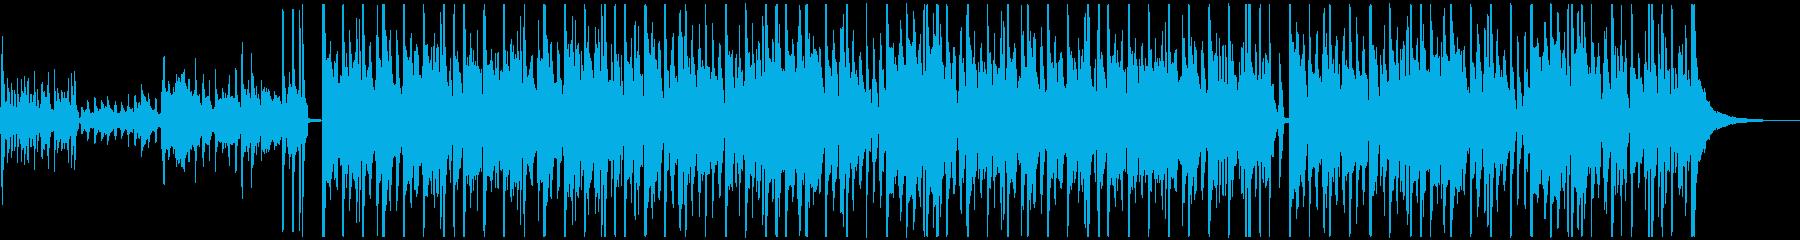 哀愁帯びたジブシー、スウィングジャズの再生済みの波形